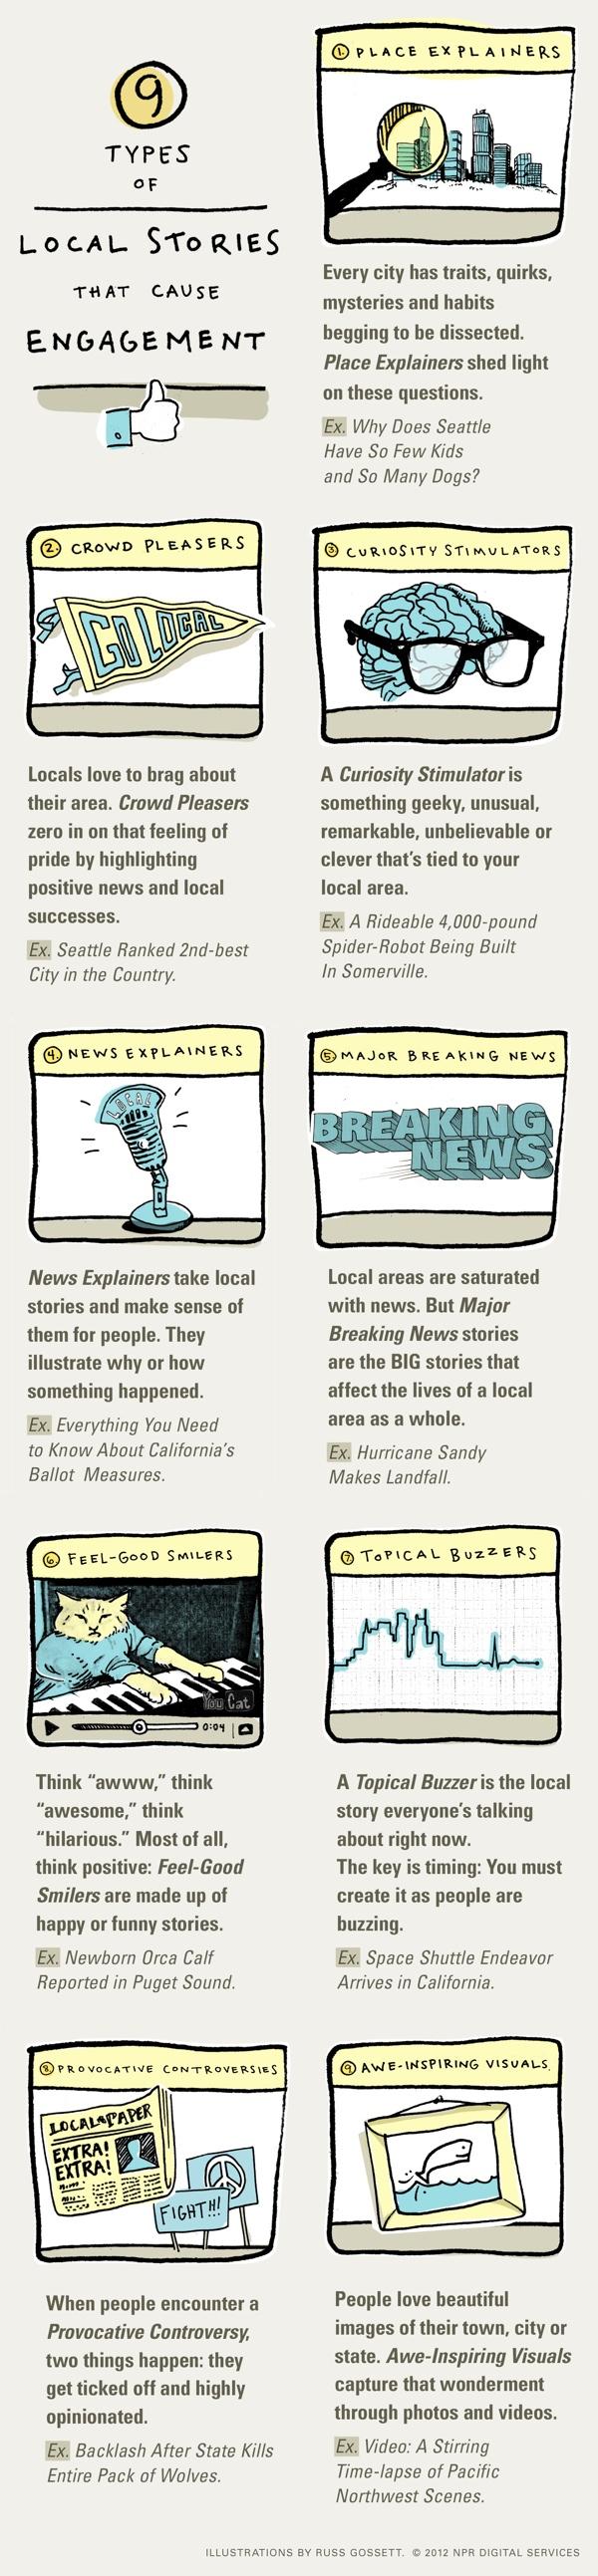 9 notícies local que captiven